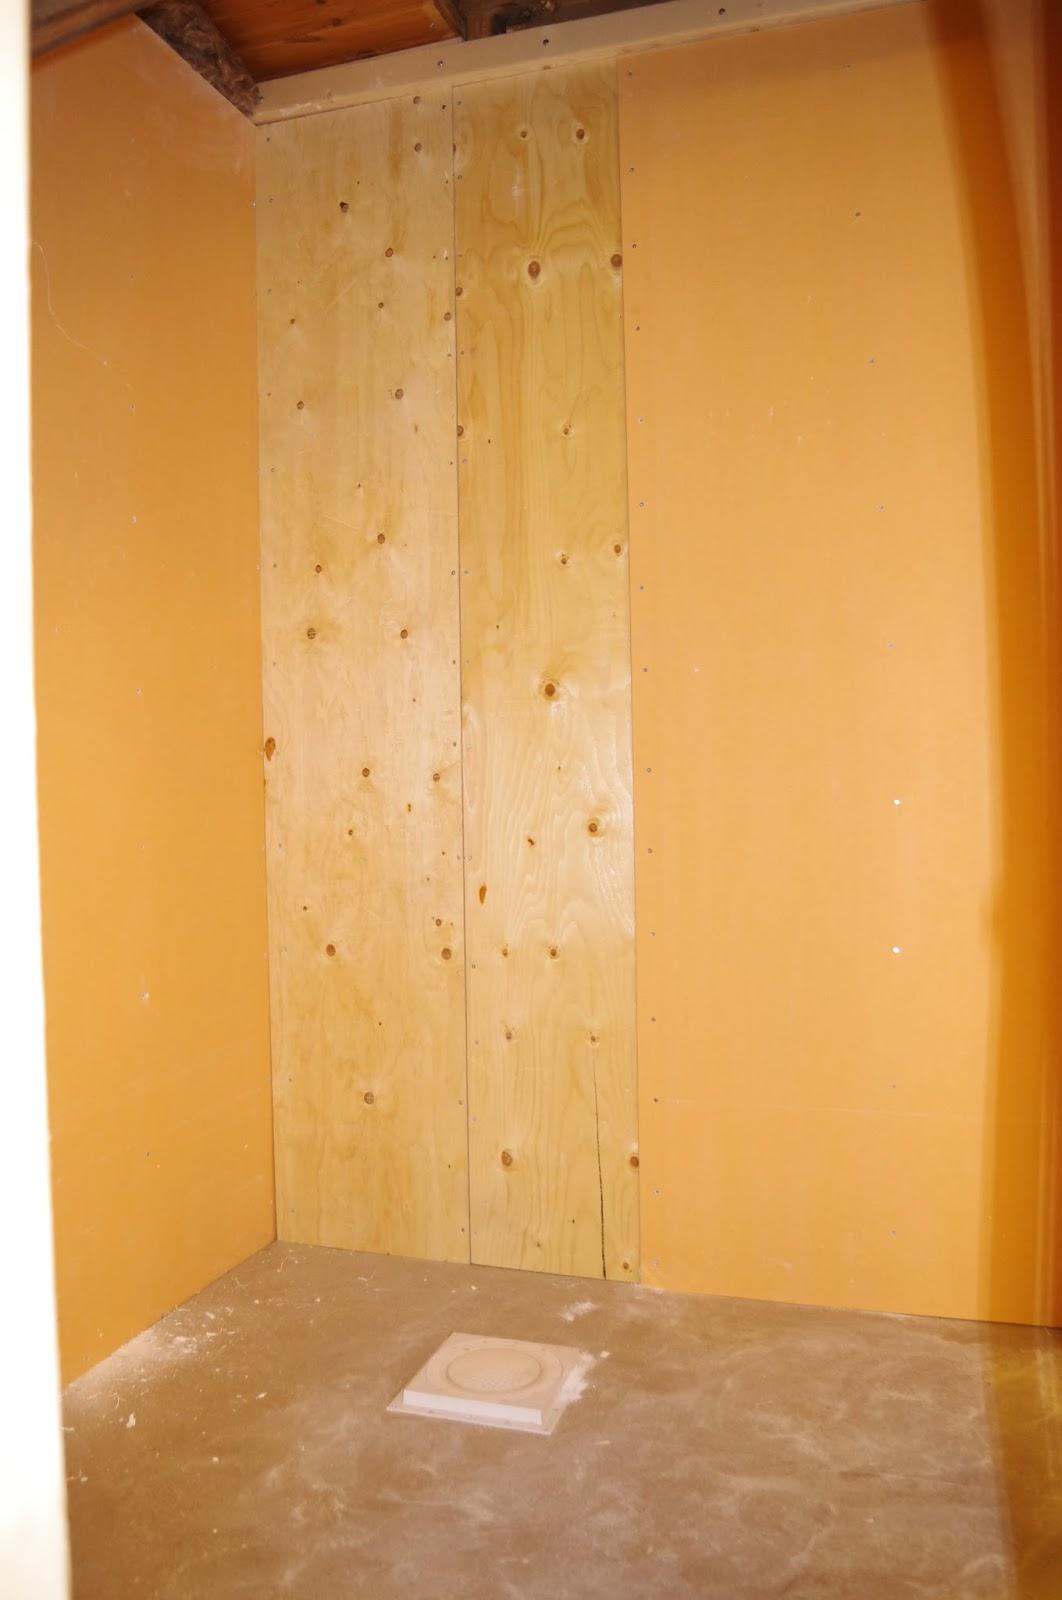 MÃ¥ngpysslare: Bygga helt nytt badrum